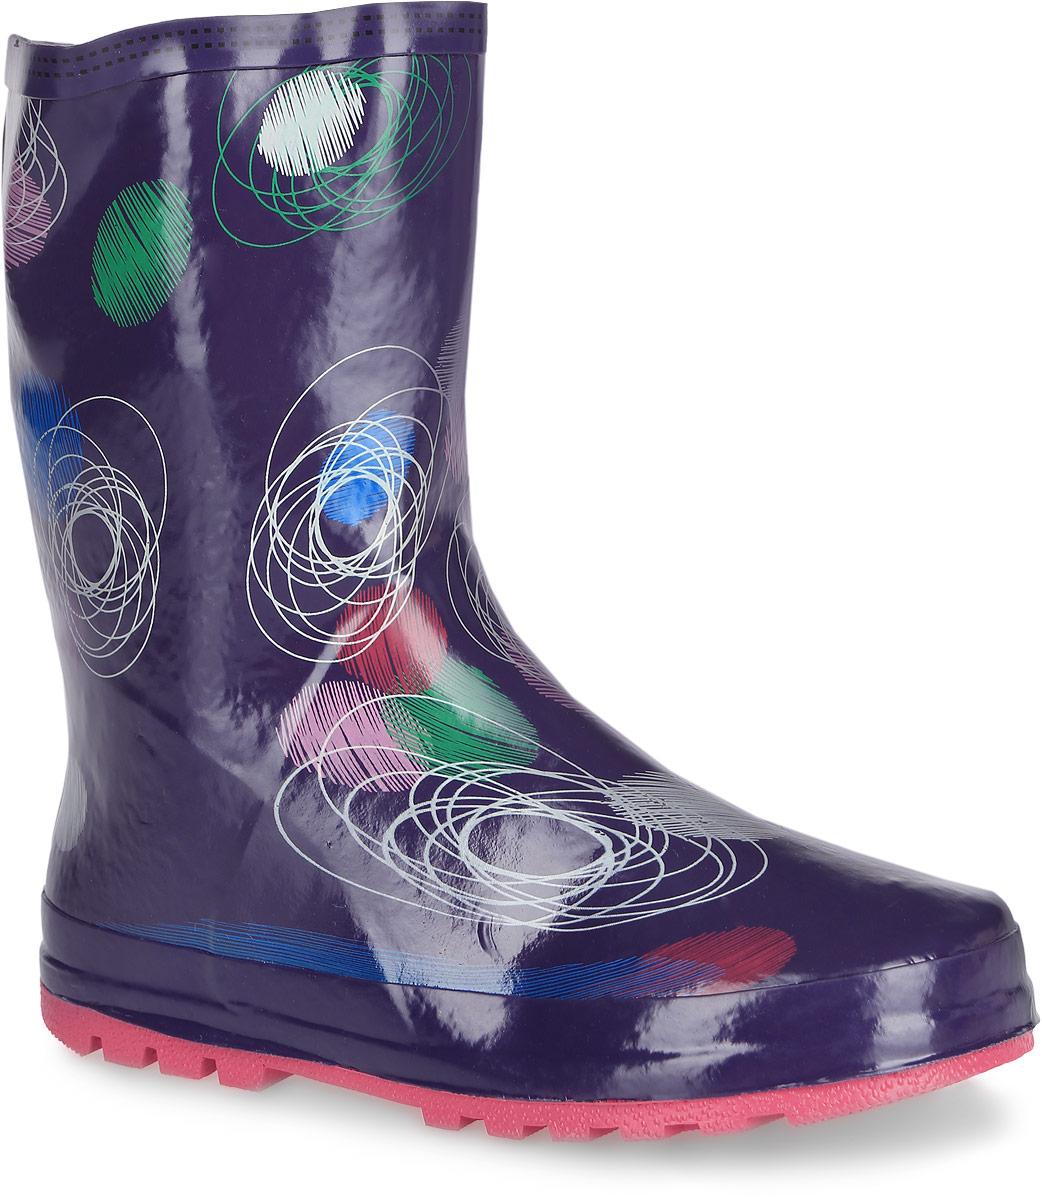 Сапоги резиновые для девочки. 124031124031Яркие резиновые сапоги от Scool - идеальная обувь в дождливую погоду для вашей дочурки. Сапоги, выполненные из резины и оформлены оригинальным принтом. Внутренняя поверхность из хлопка и съемная стелька из ЭВА материала с поверхностью из хлопкового текстиля комфортны при ходьбе. Подошва с протектором гарантируют отличное сцепление с любой поверхностью. Резиновые сапоги - необходимая вещь в гардеробе каждой девочки.